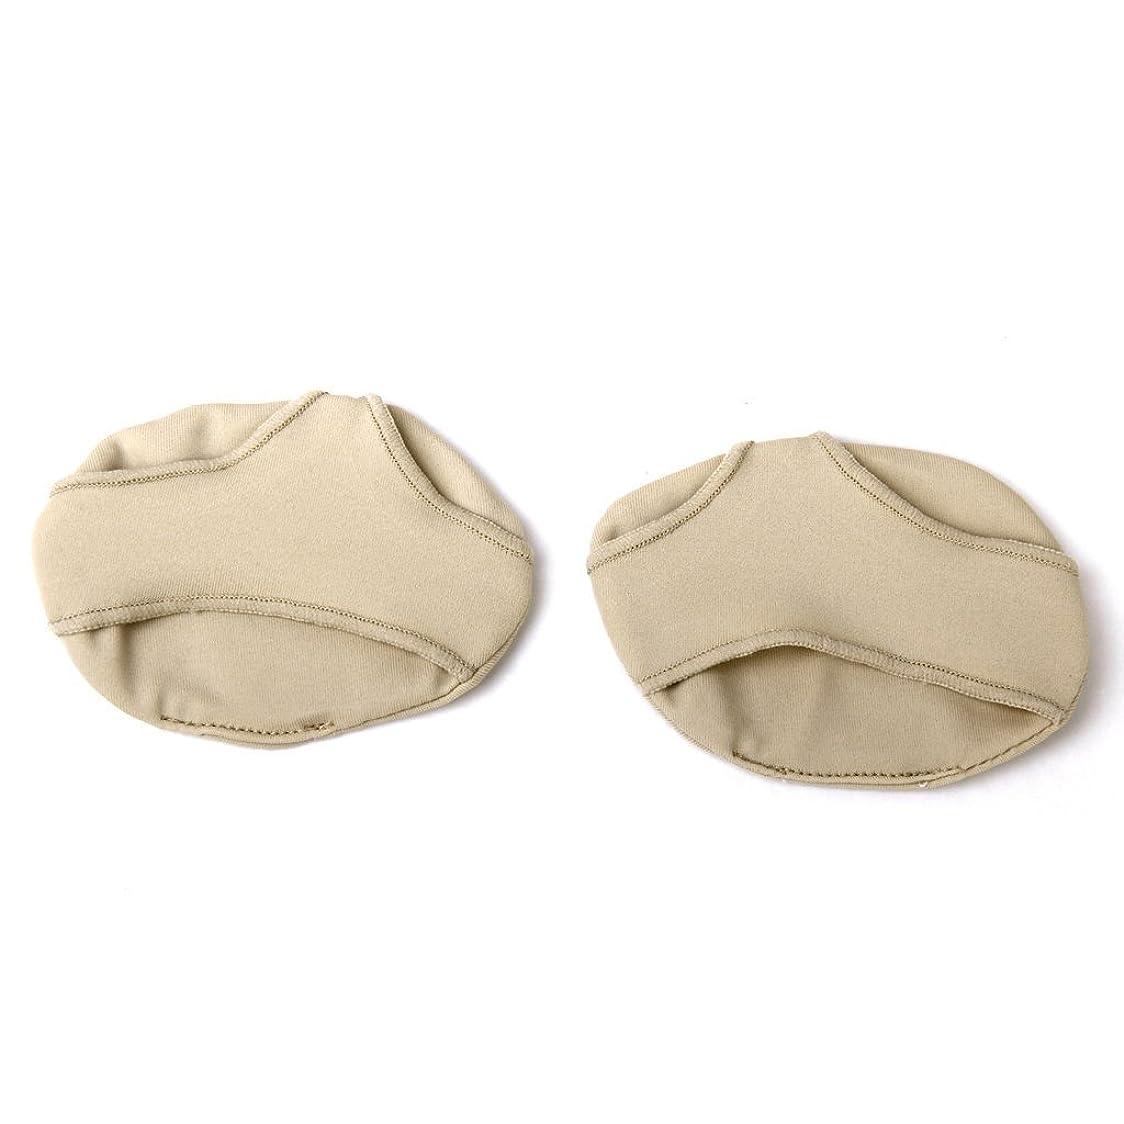 鎮静剤マイク膿瘍SODIAL(R) ペアの低中足パッド クッションブランケット 前足の痛みを和らげるためのストラップ付きインソール Y形